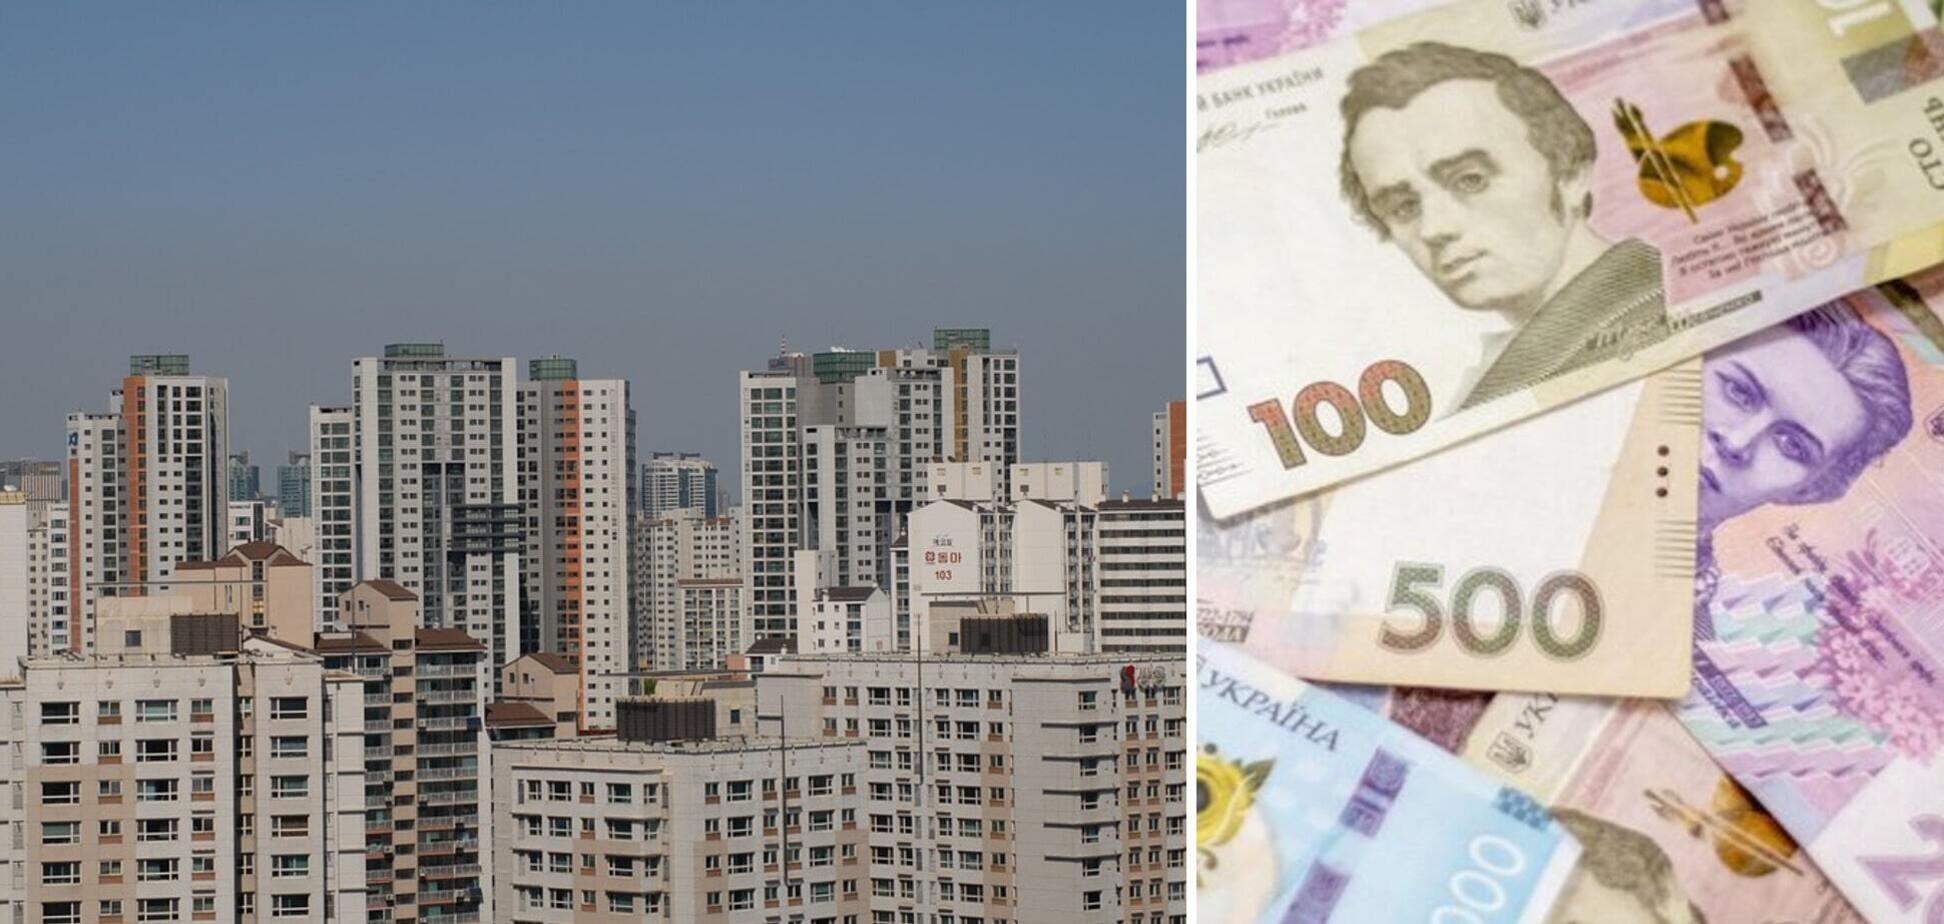 Ціни на житло в третьому кварталі підскочили на 15,8% – Держстат